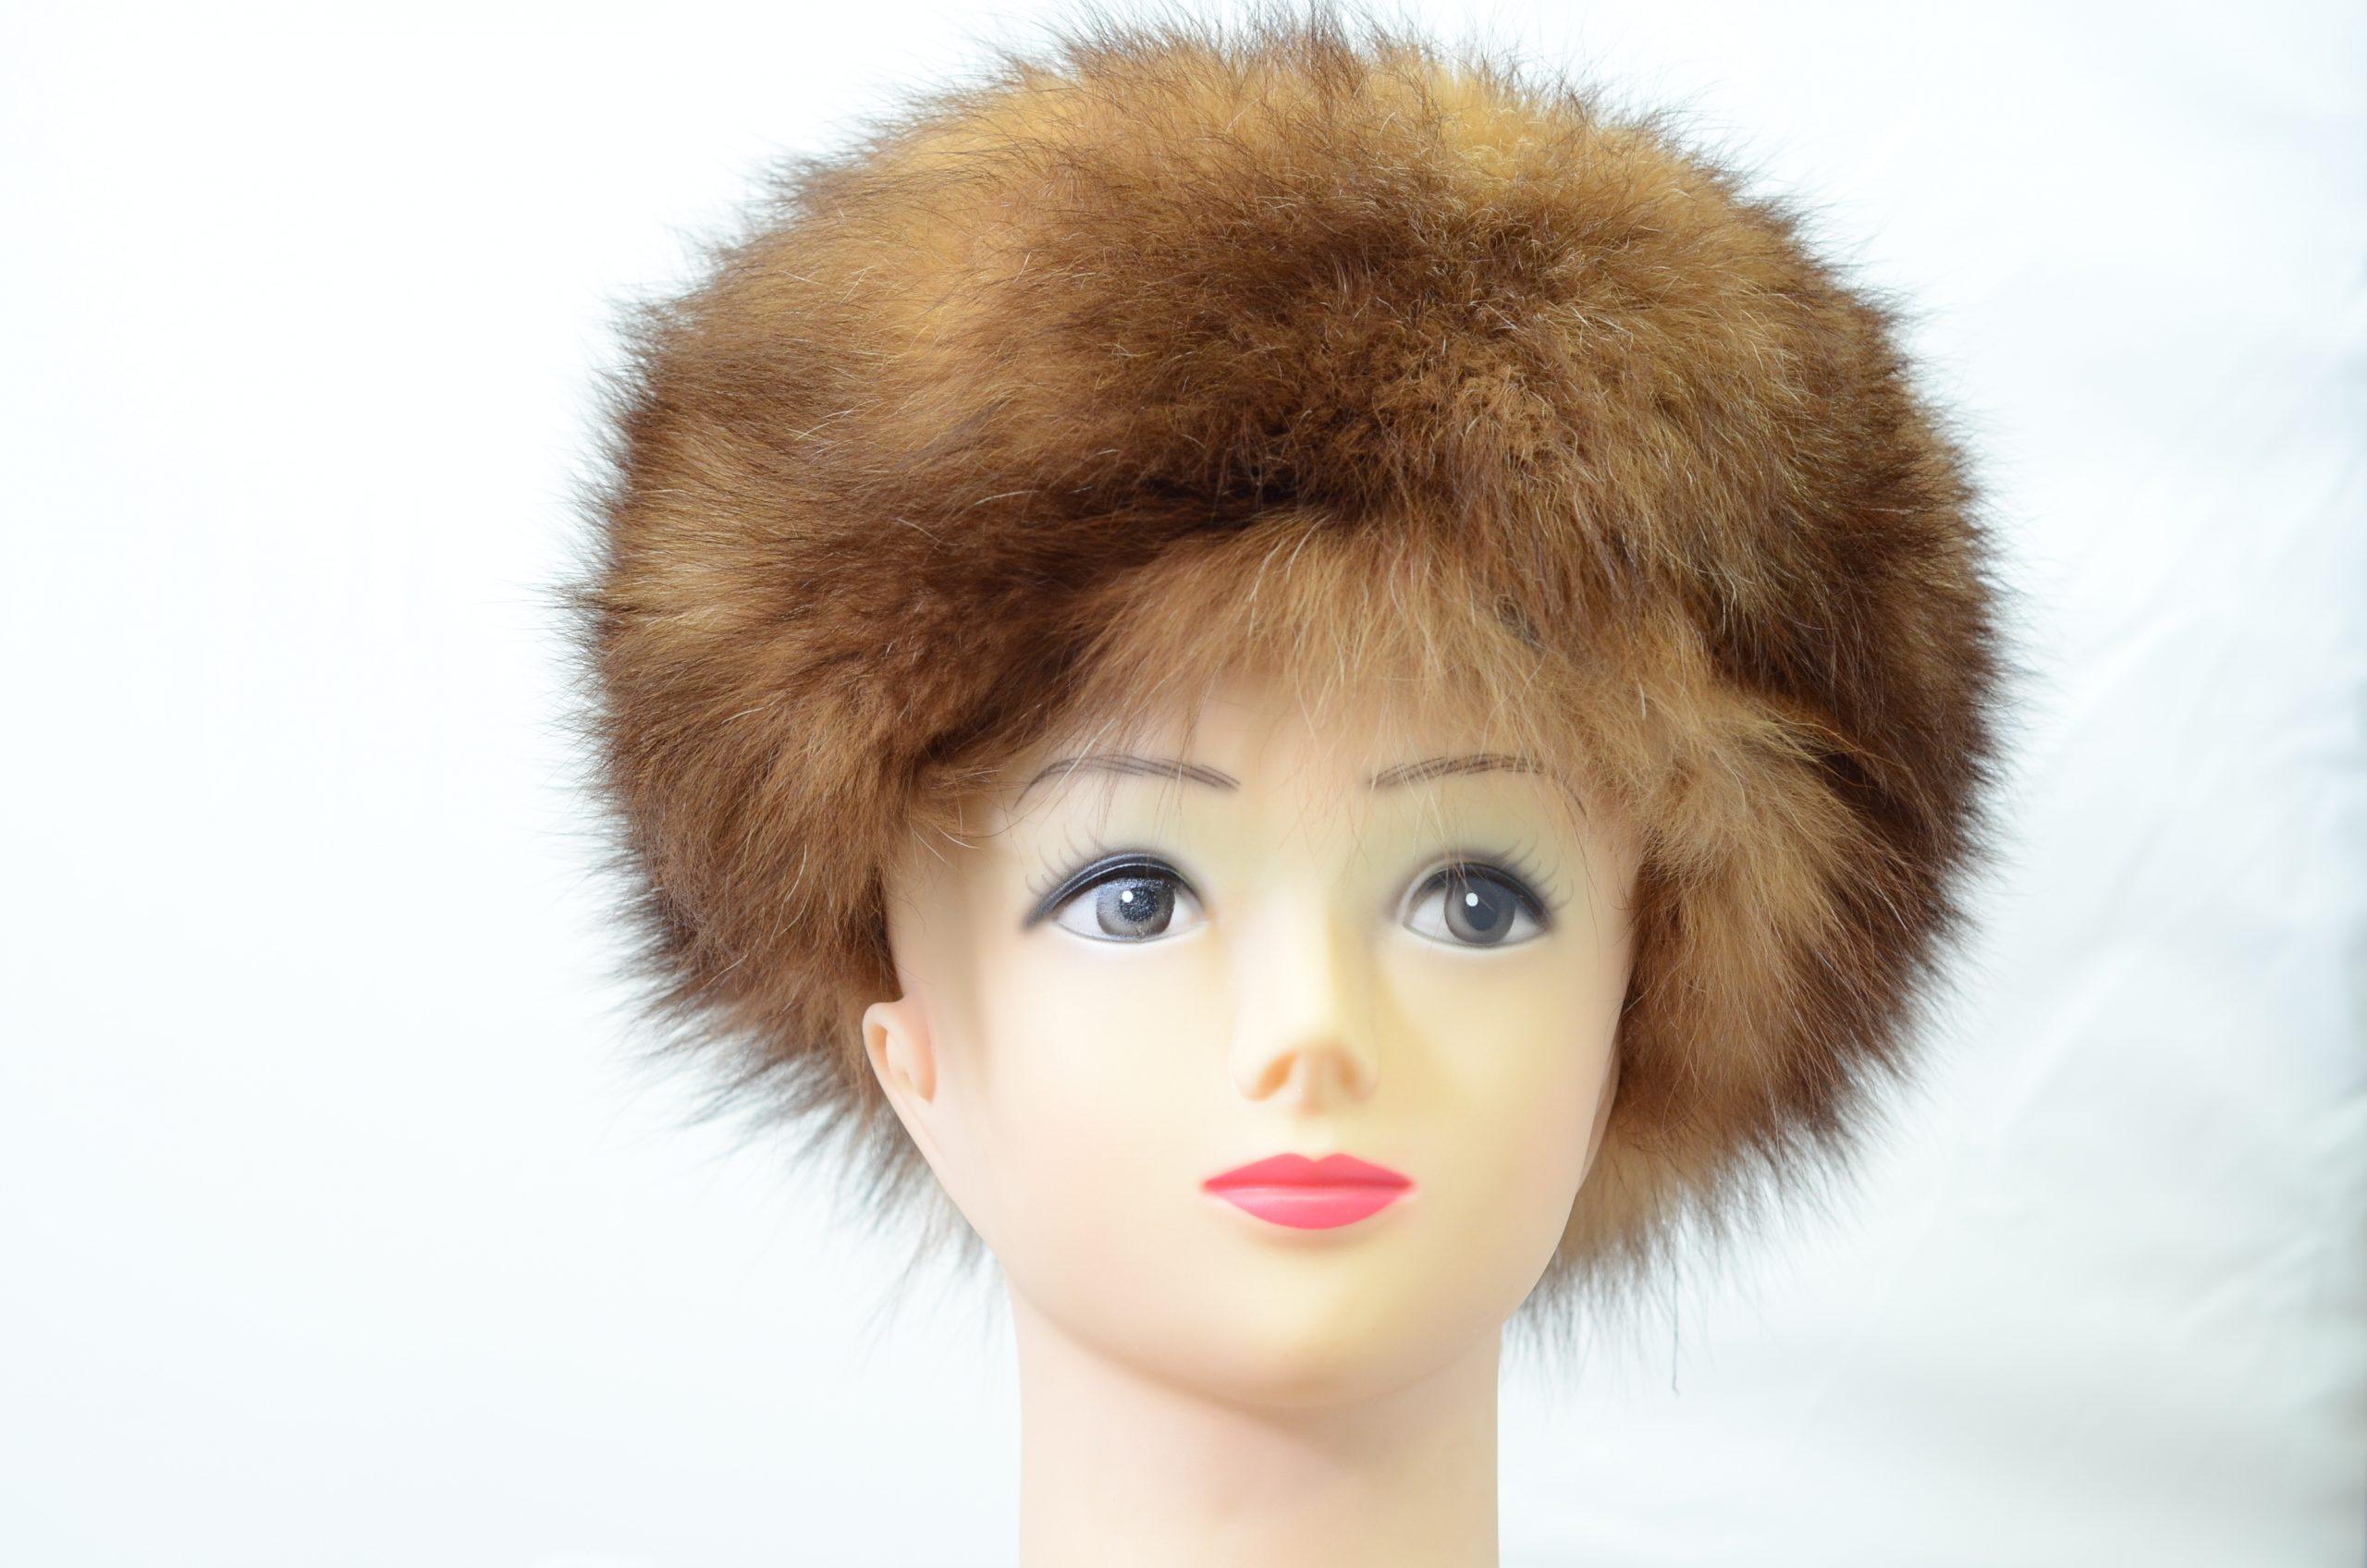 Women Furs Hat-0